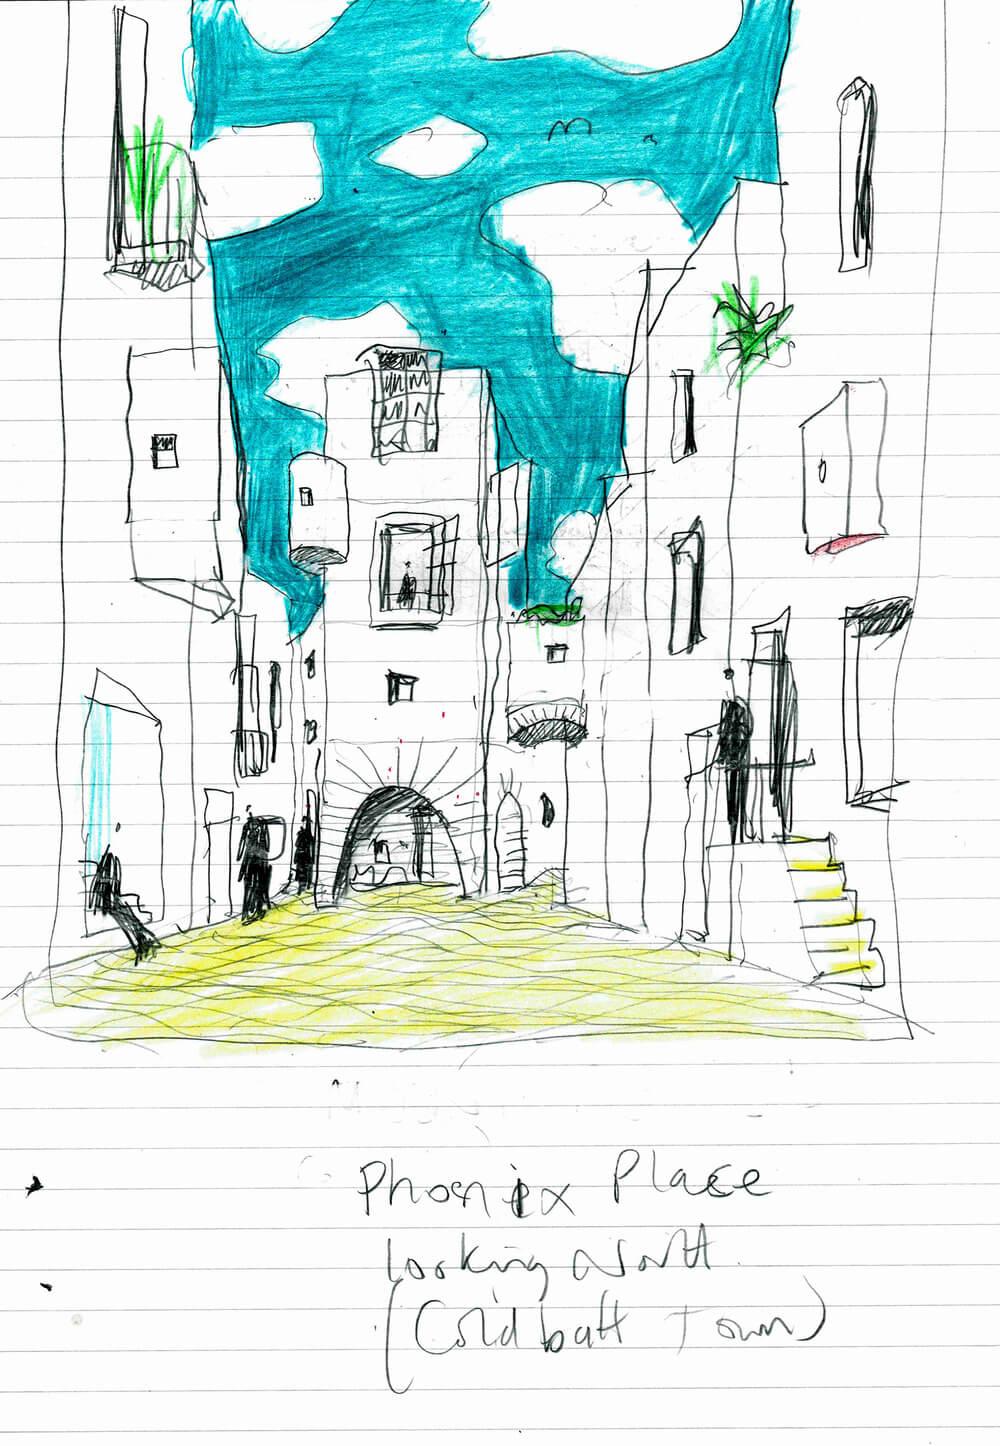 Pheonix+Place+Coldbath.jpg